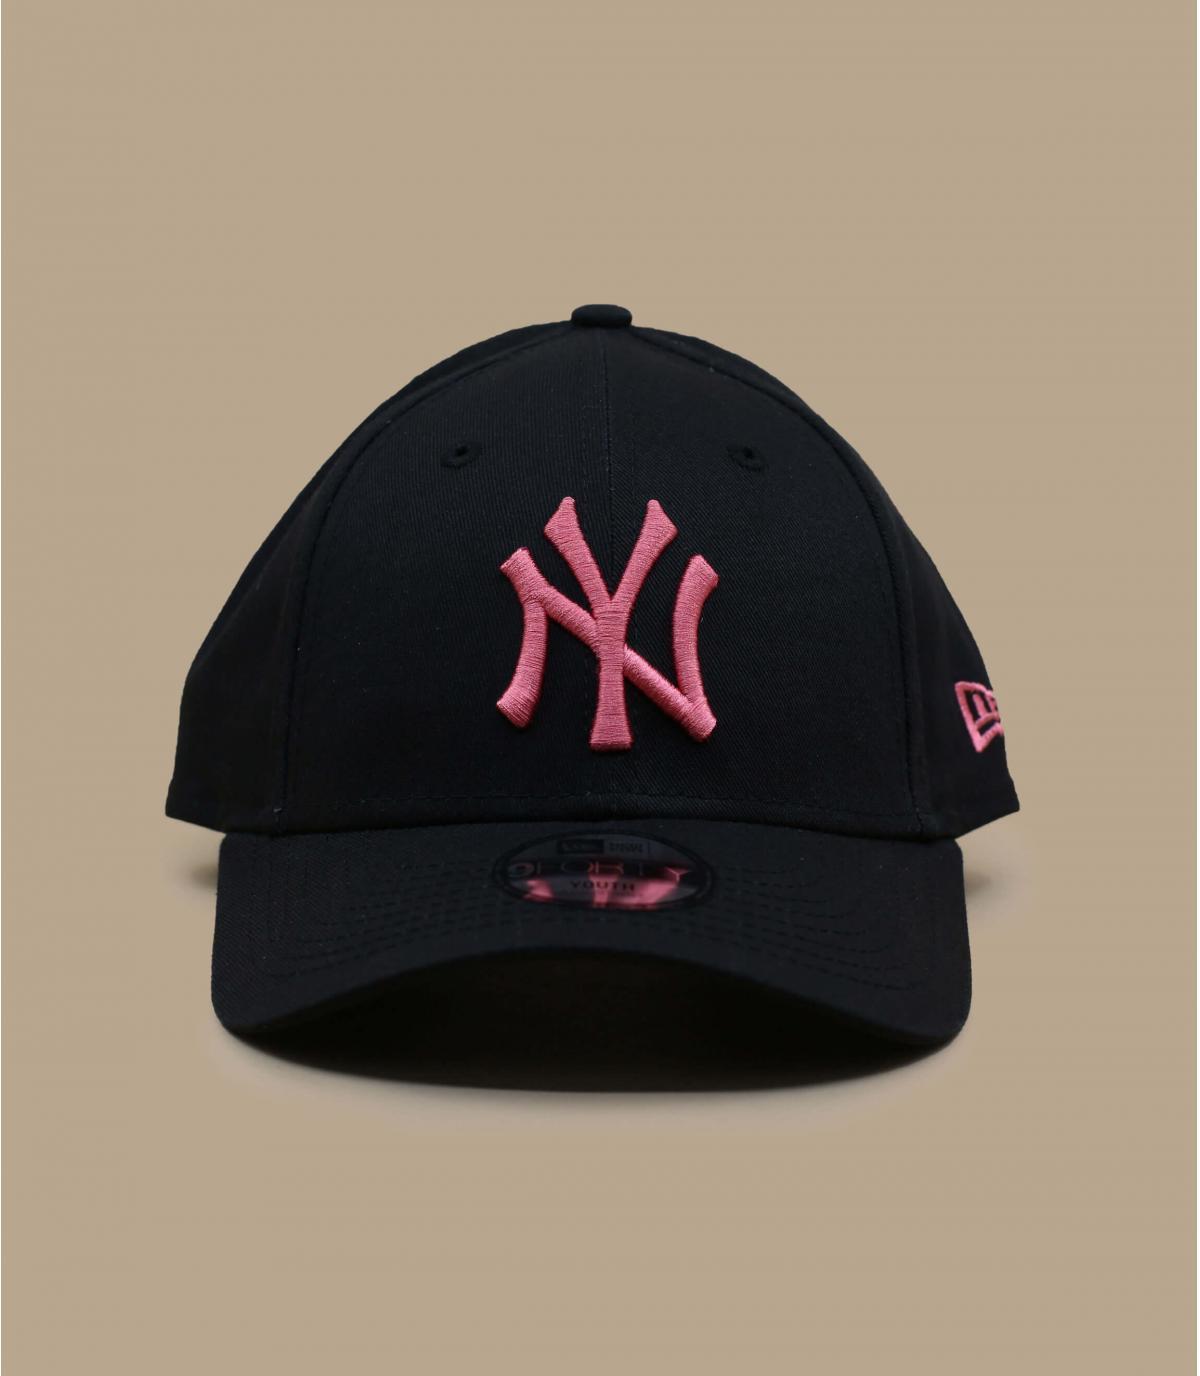 cappellino bambino NY rosa